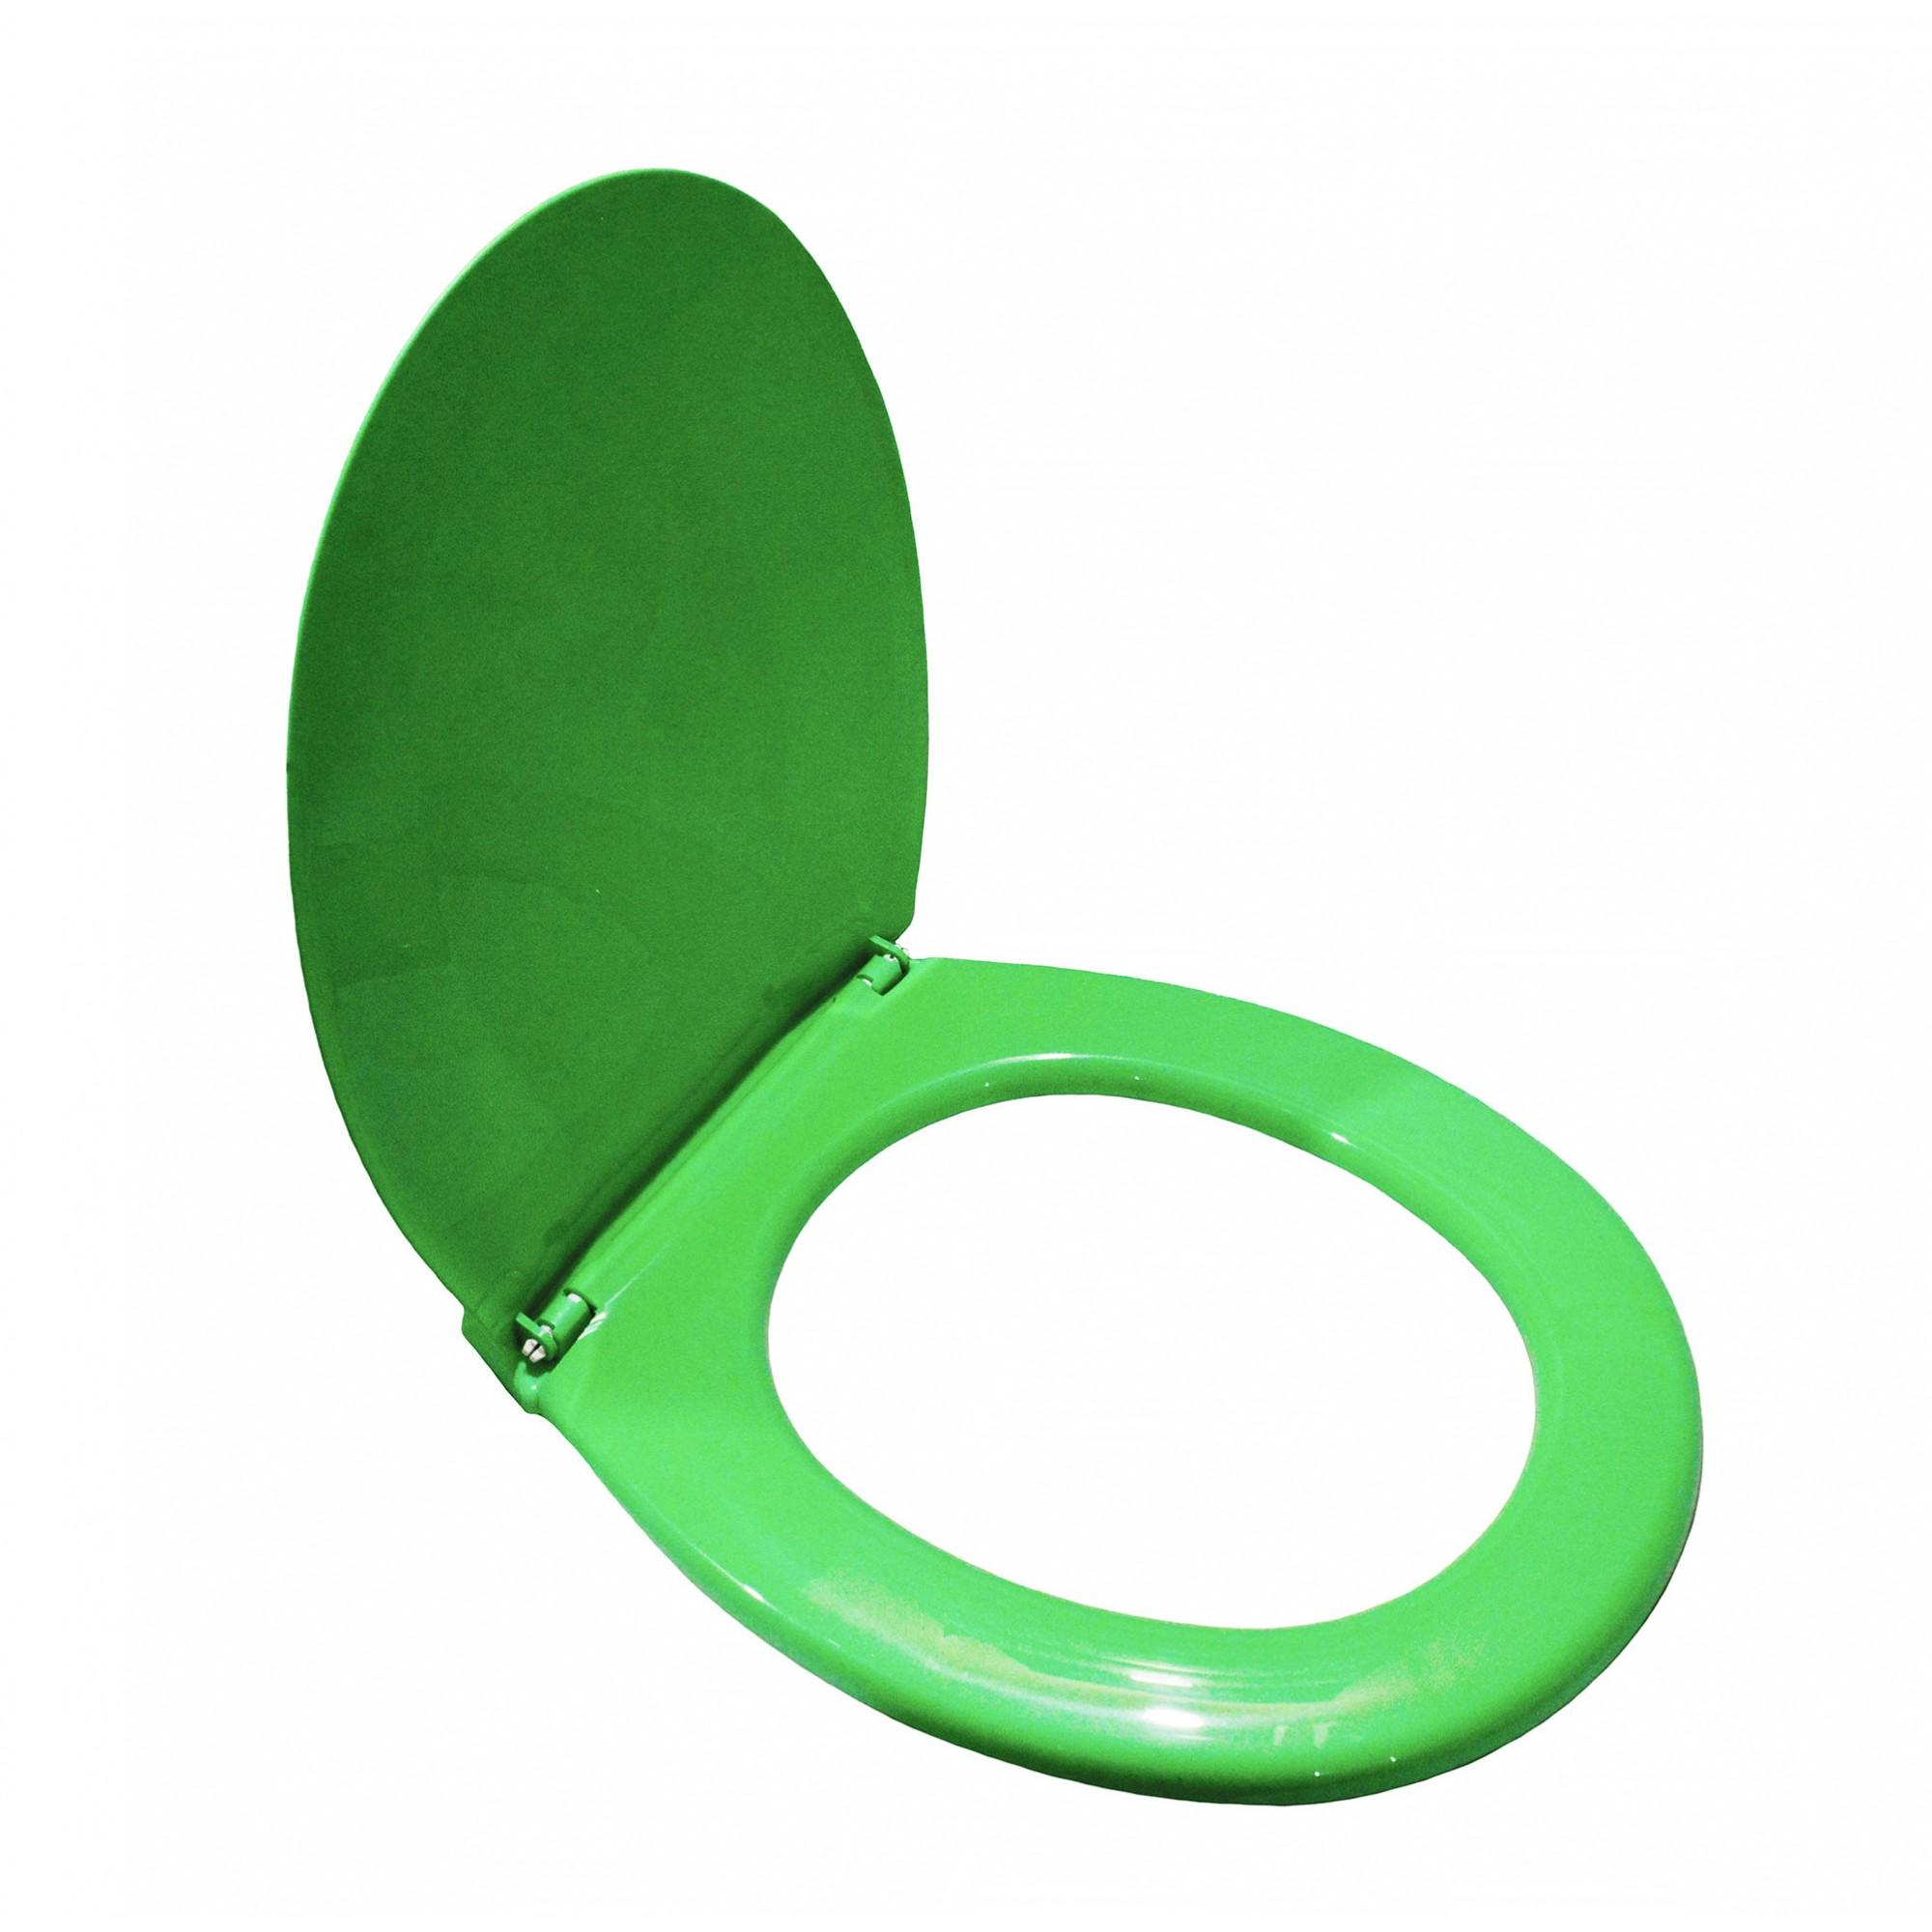 Крышка для унитаза SYDANIT СД 10 полиропилен, цвет зеленый SYDANIT - 6